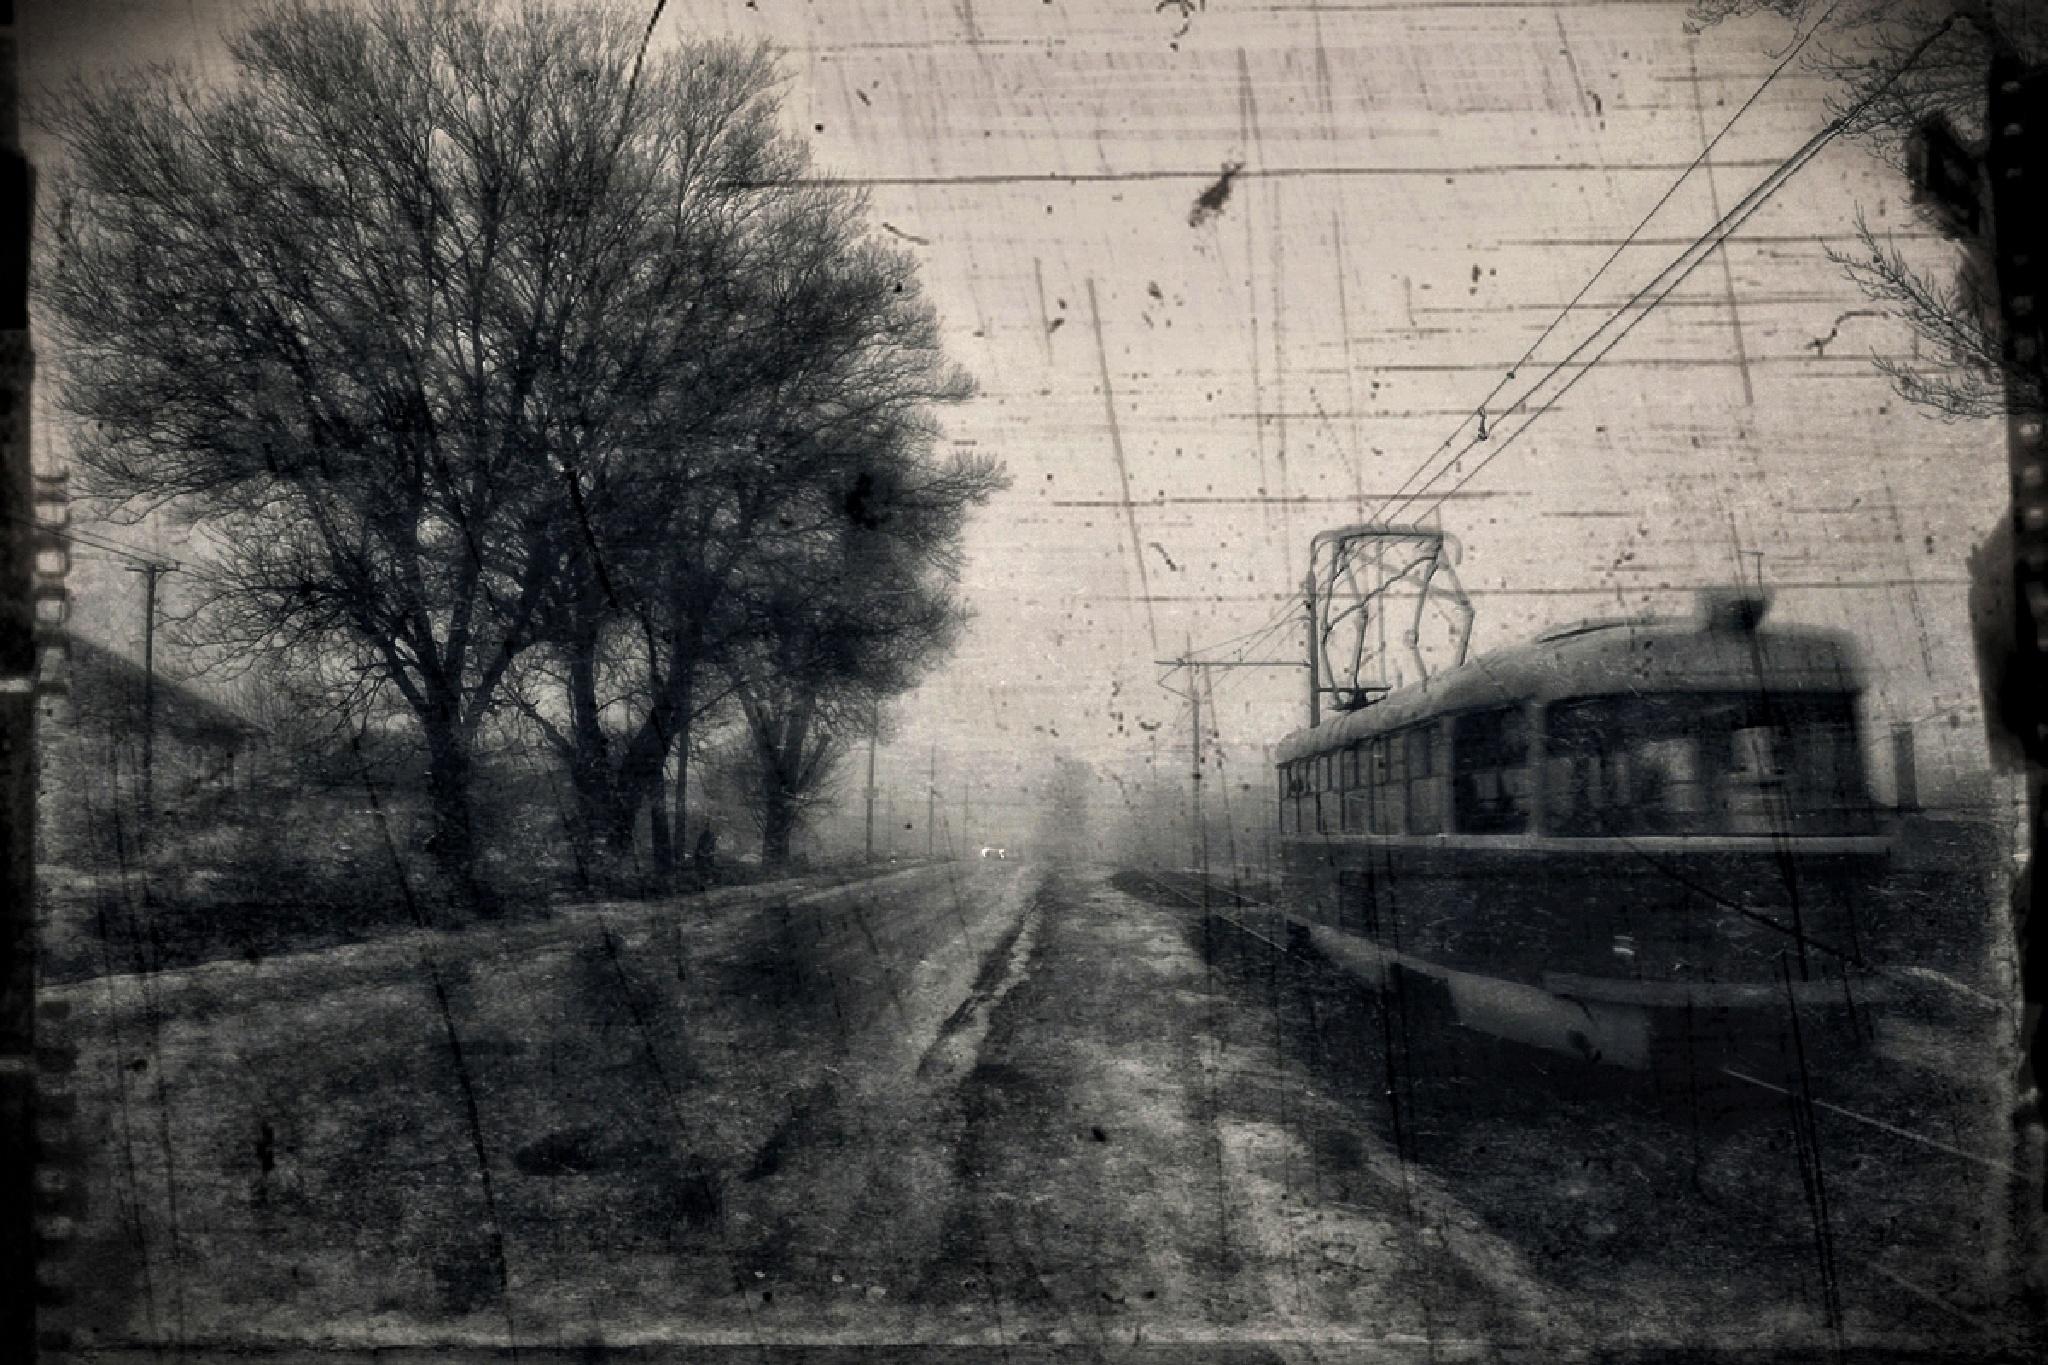 first tram by Bobbyus